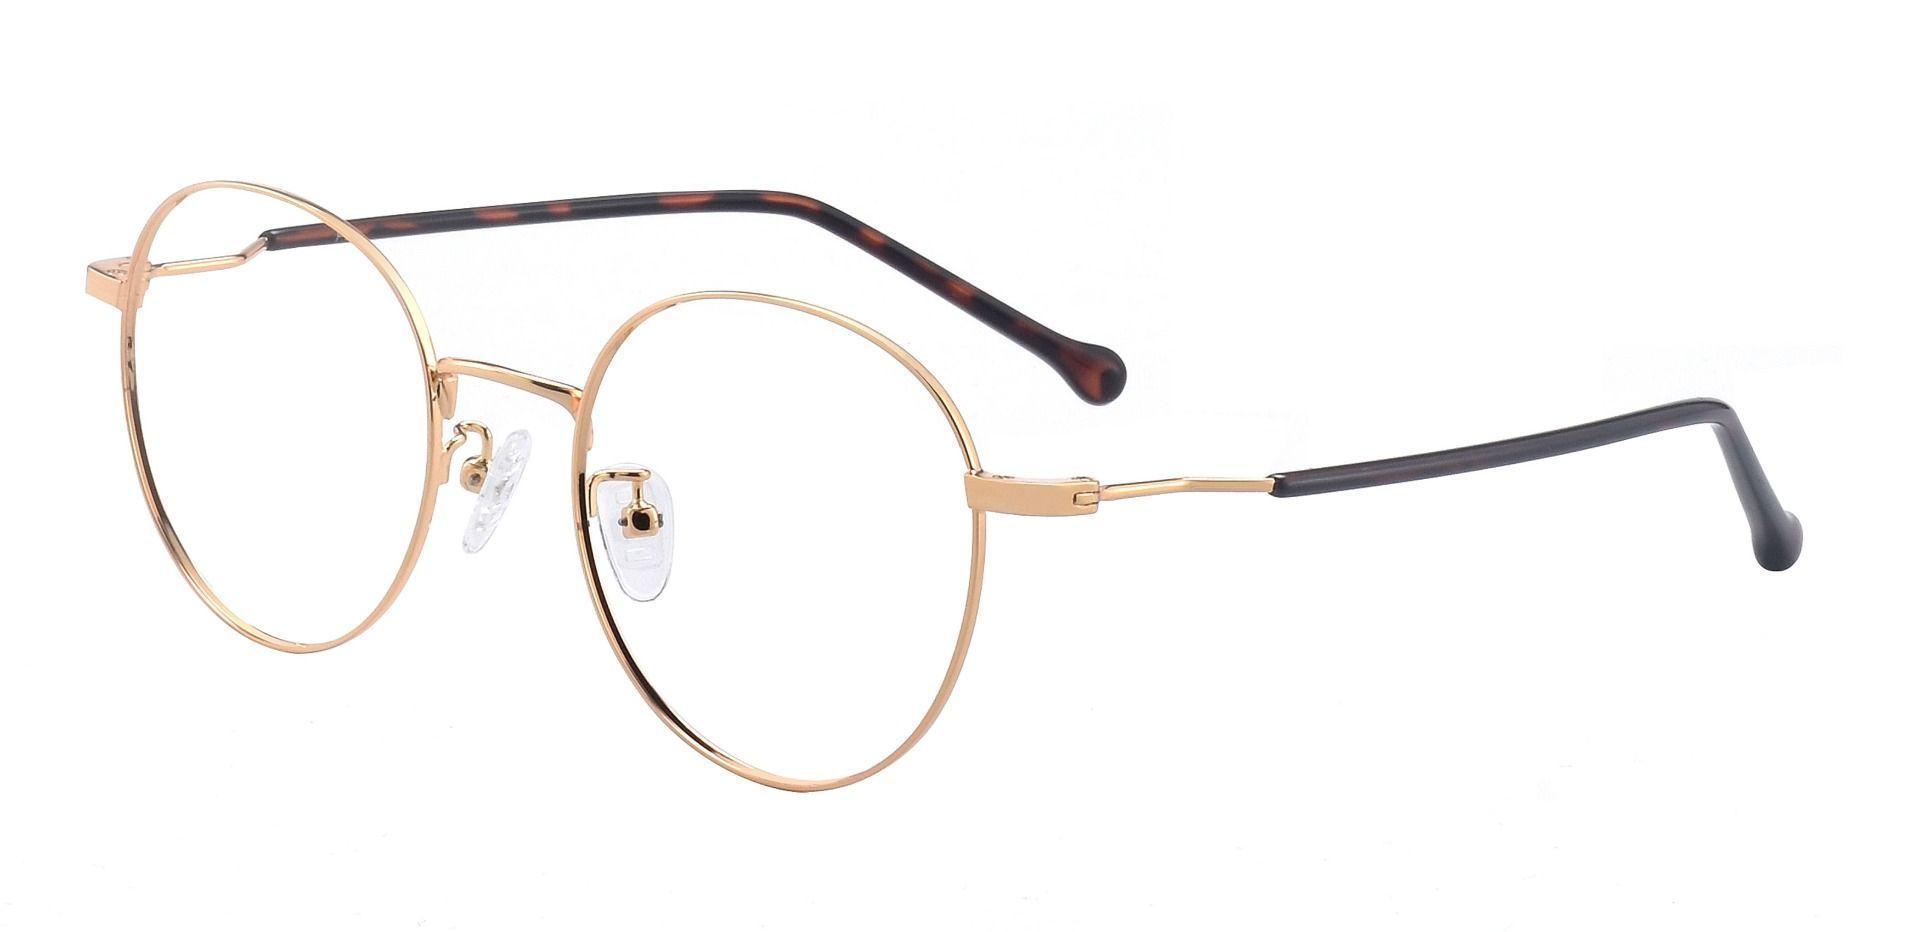 Truman Oval Prescription Glasses - Yellow